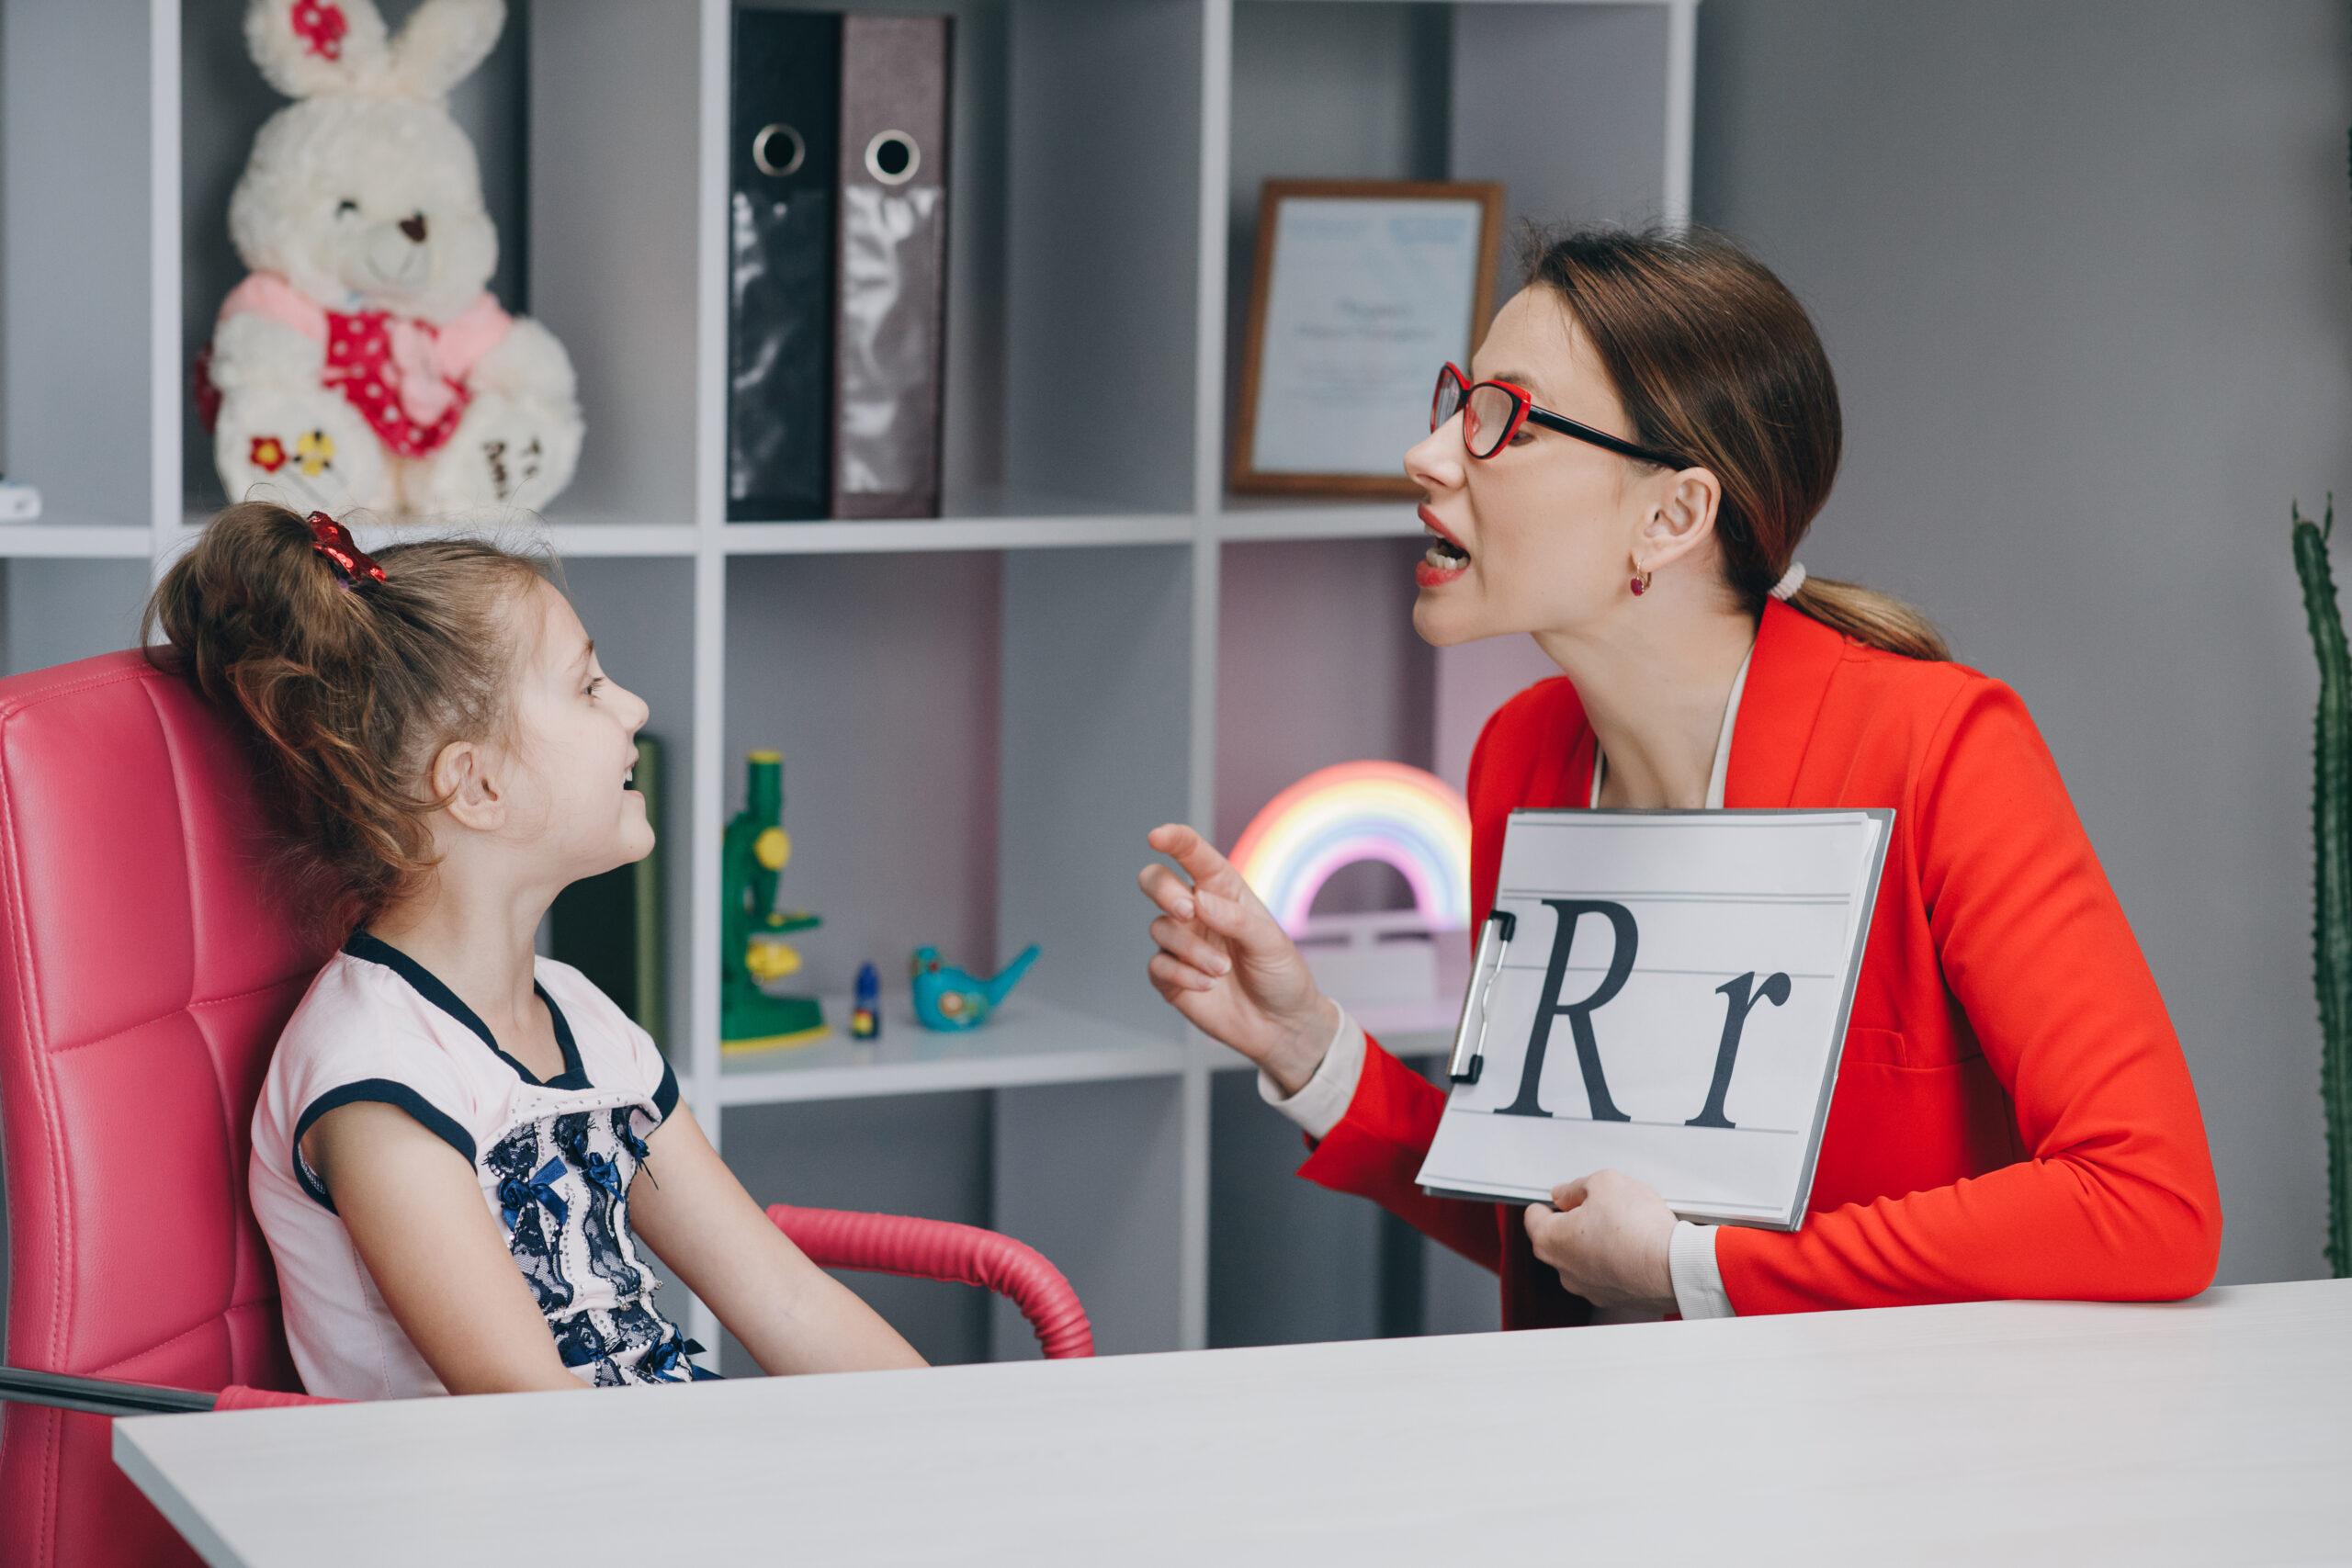 Центр здоров'я Solard - Малыш 3,5 годиков с задержкой развития речи - 57